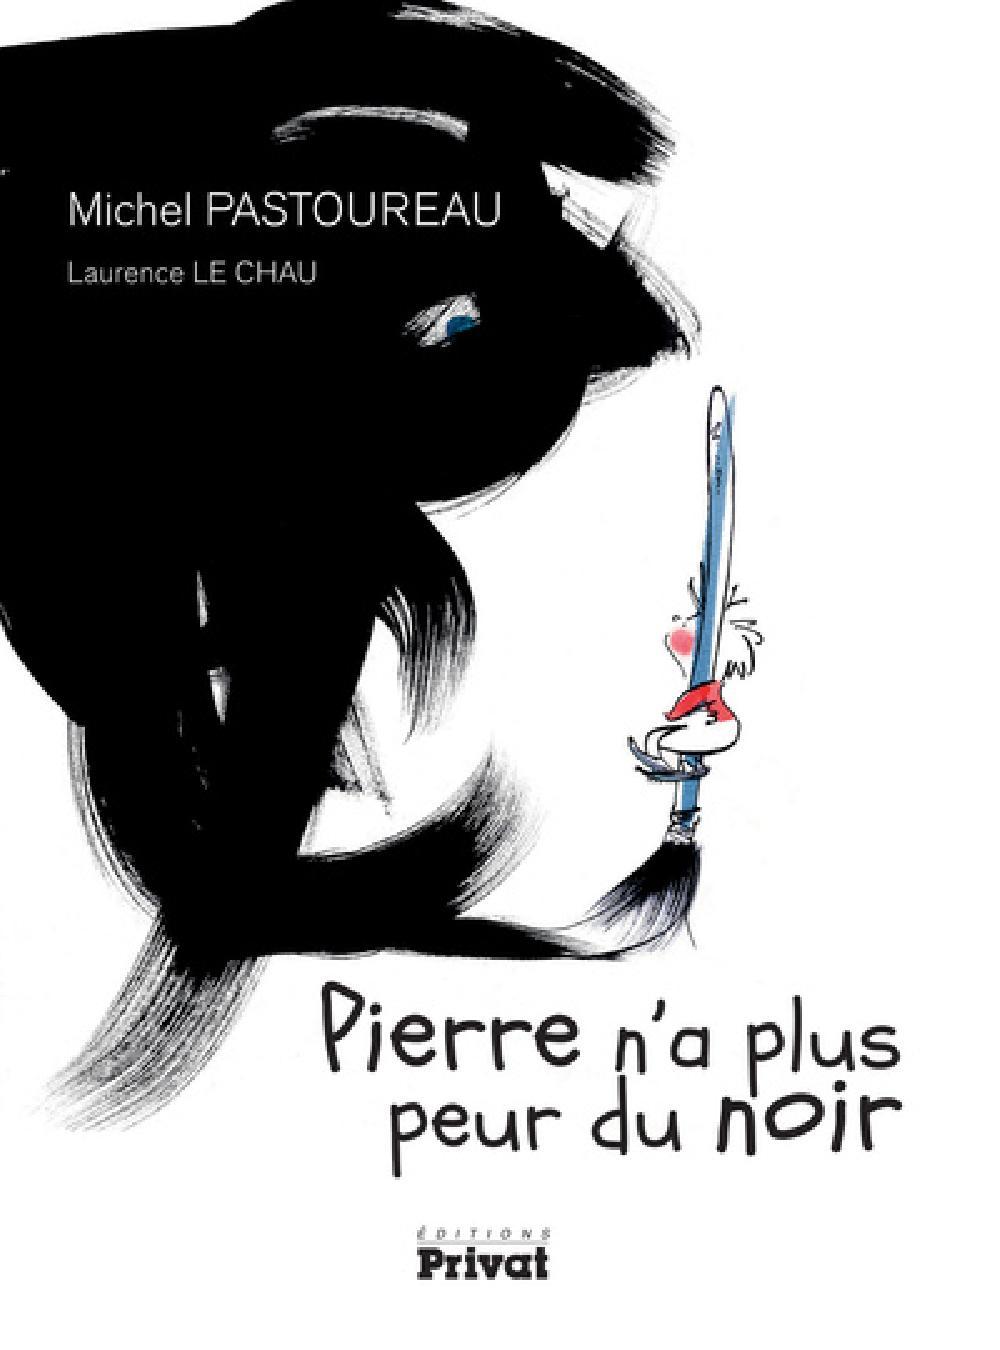 Pierre n'a plus peur du noir